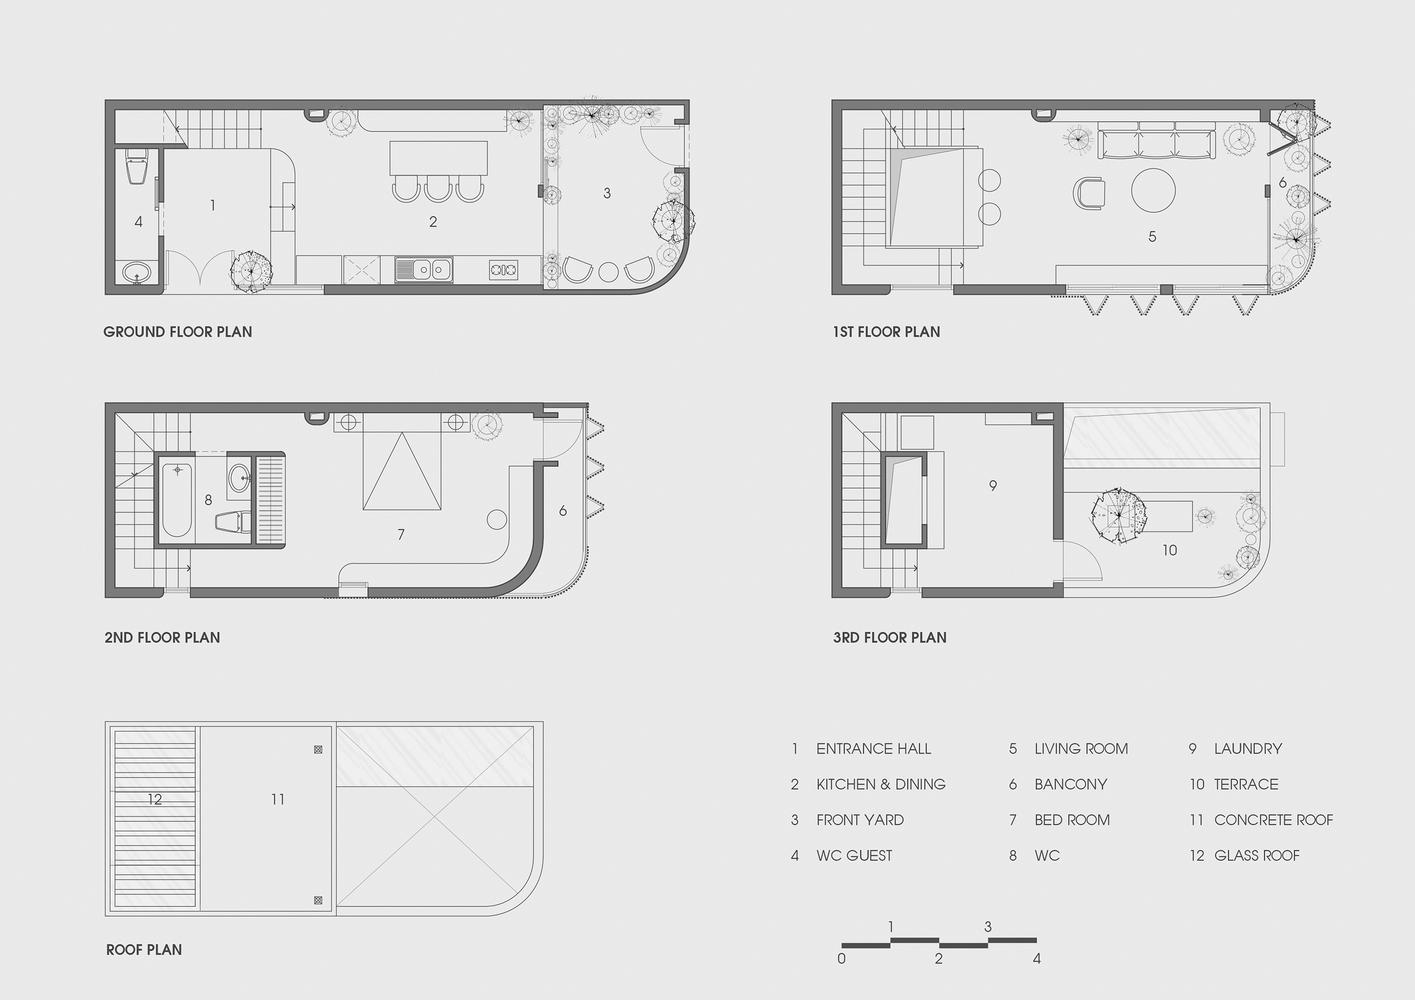 Mặt bằng thiết kế các tầng nhà